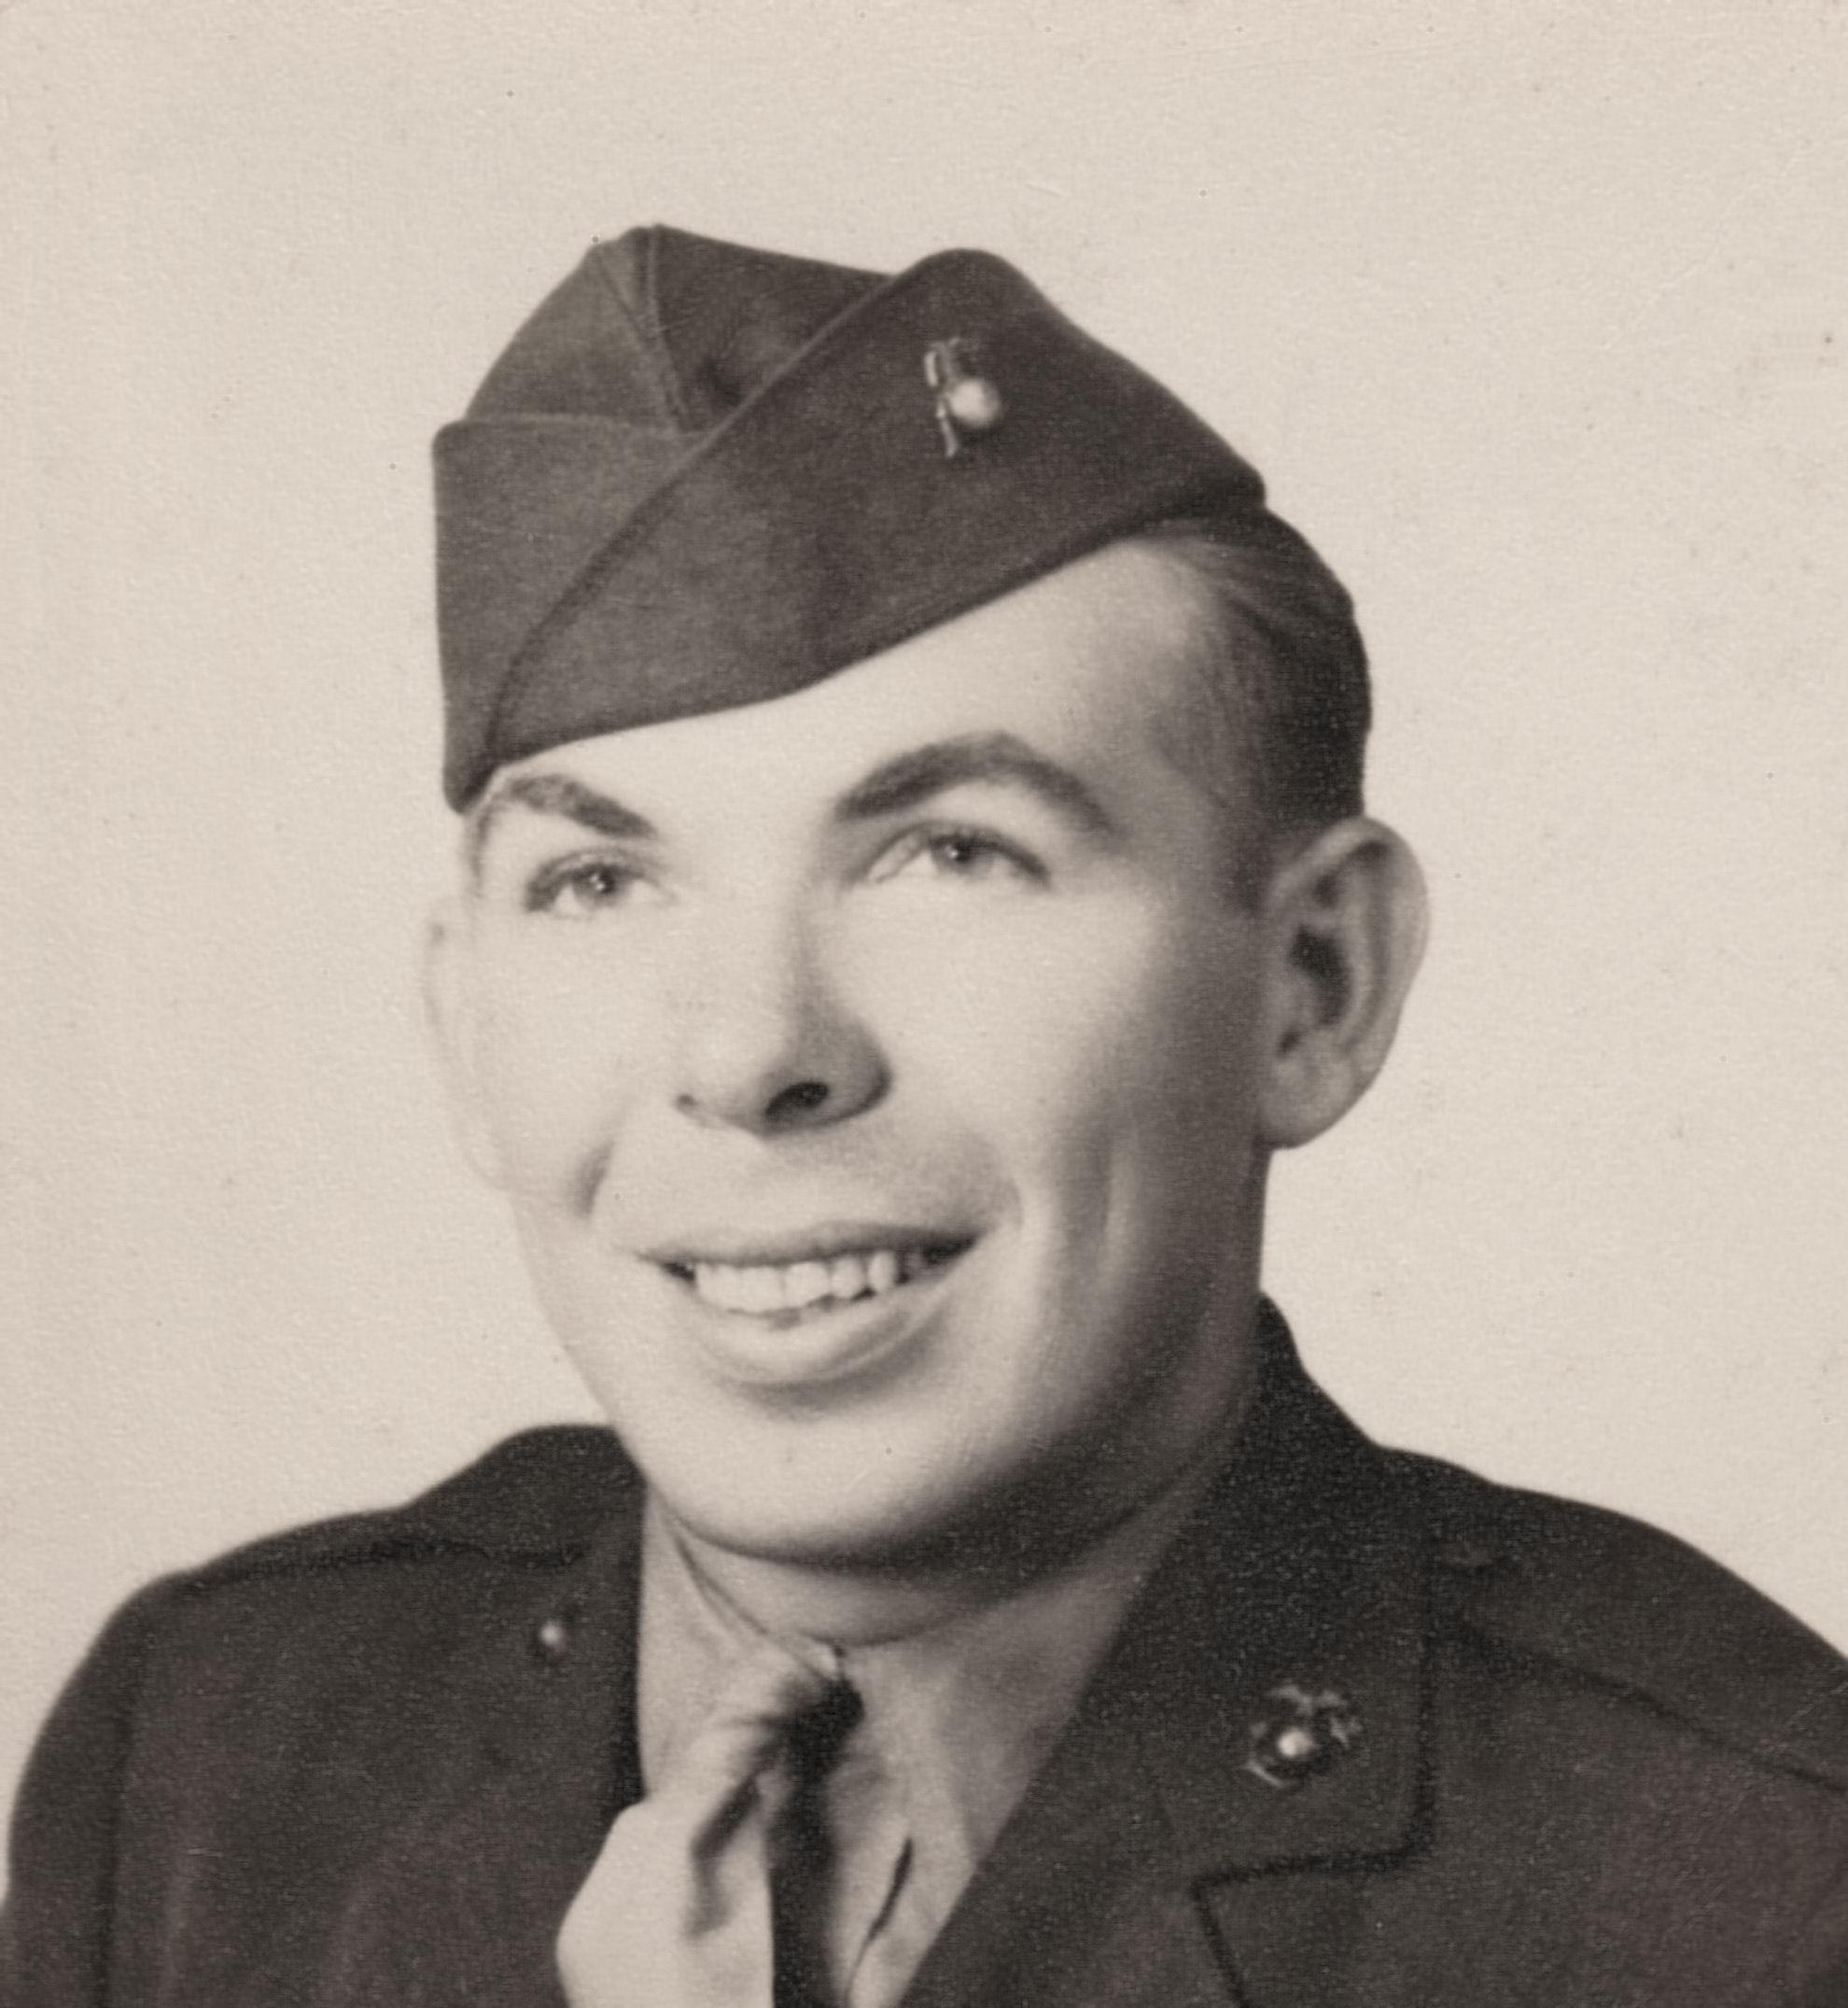 William Boldosser